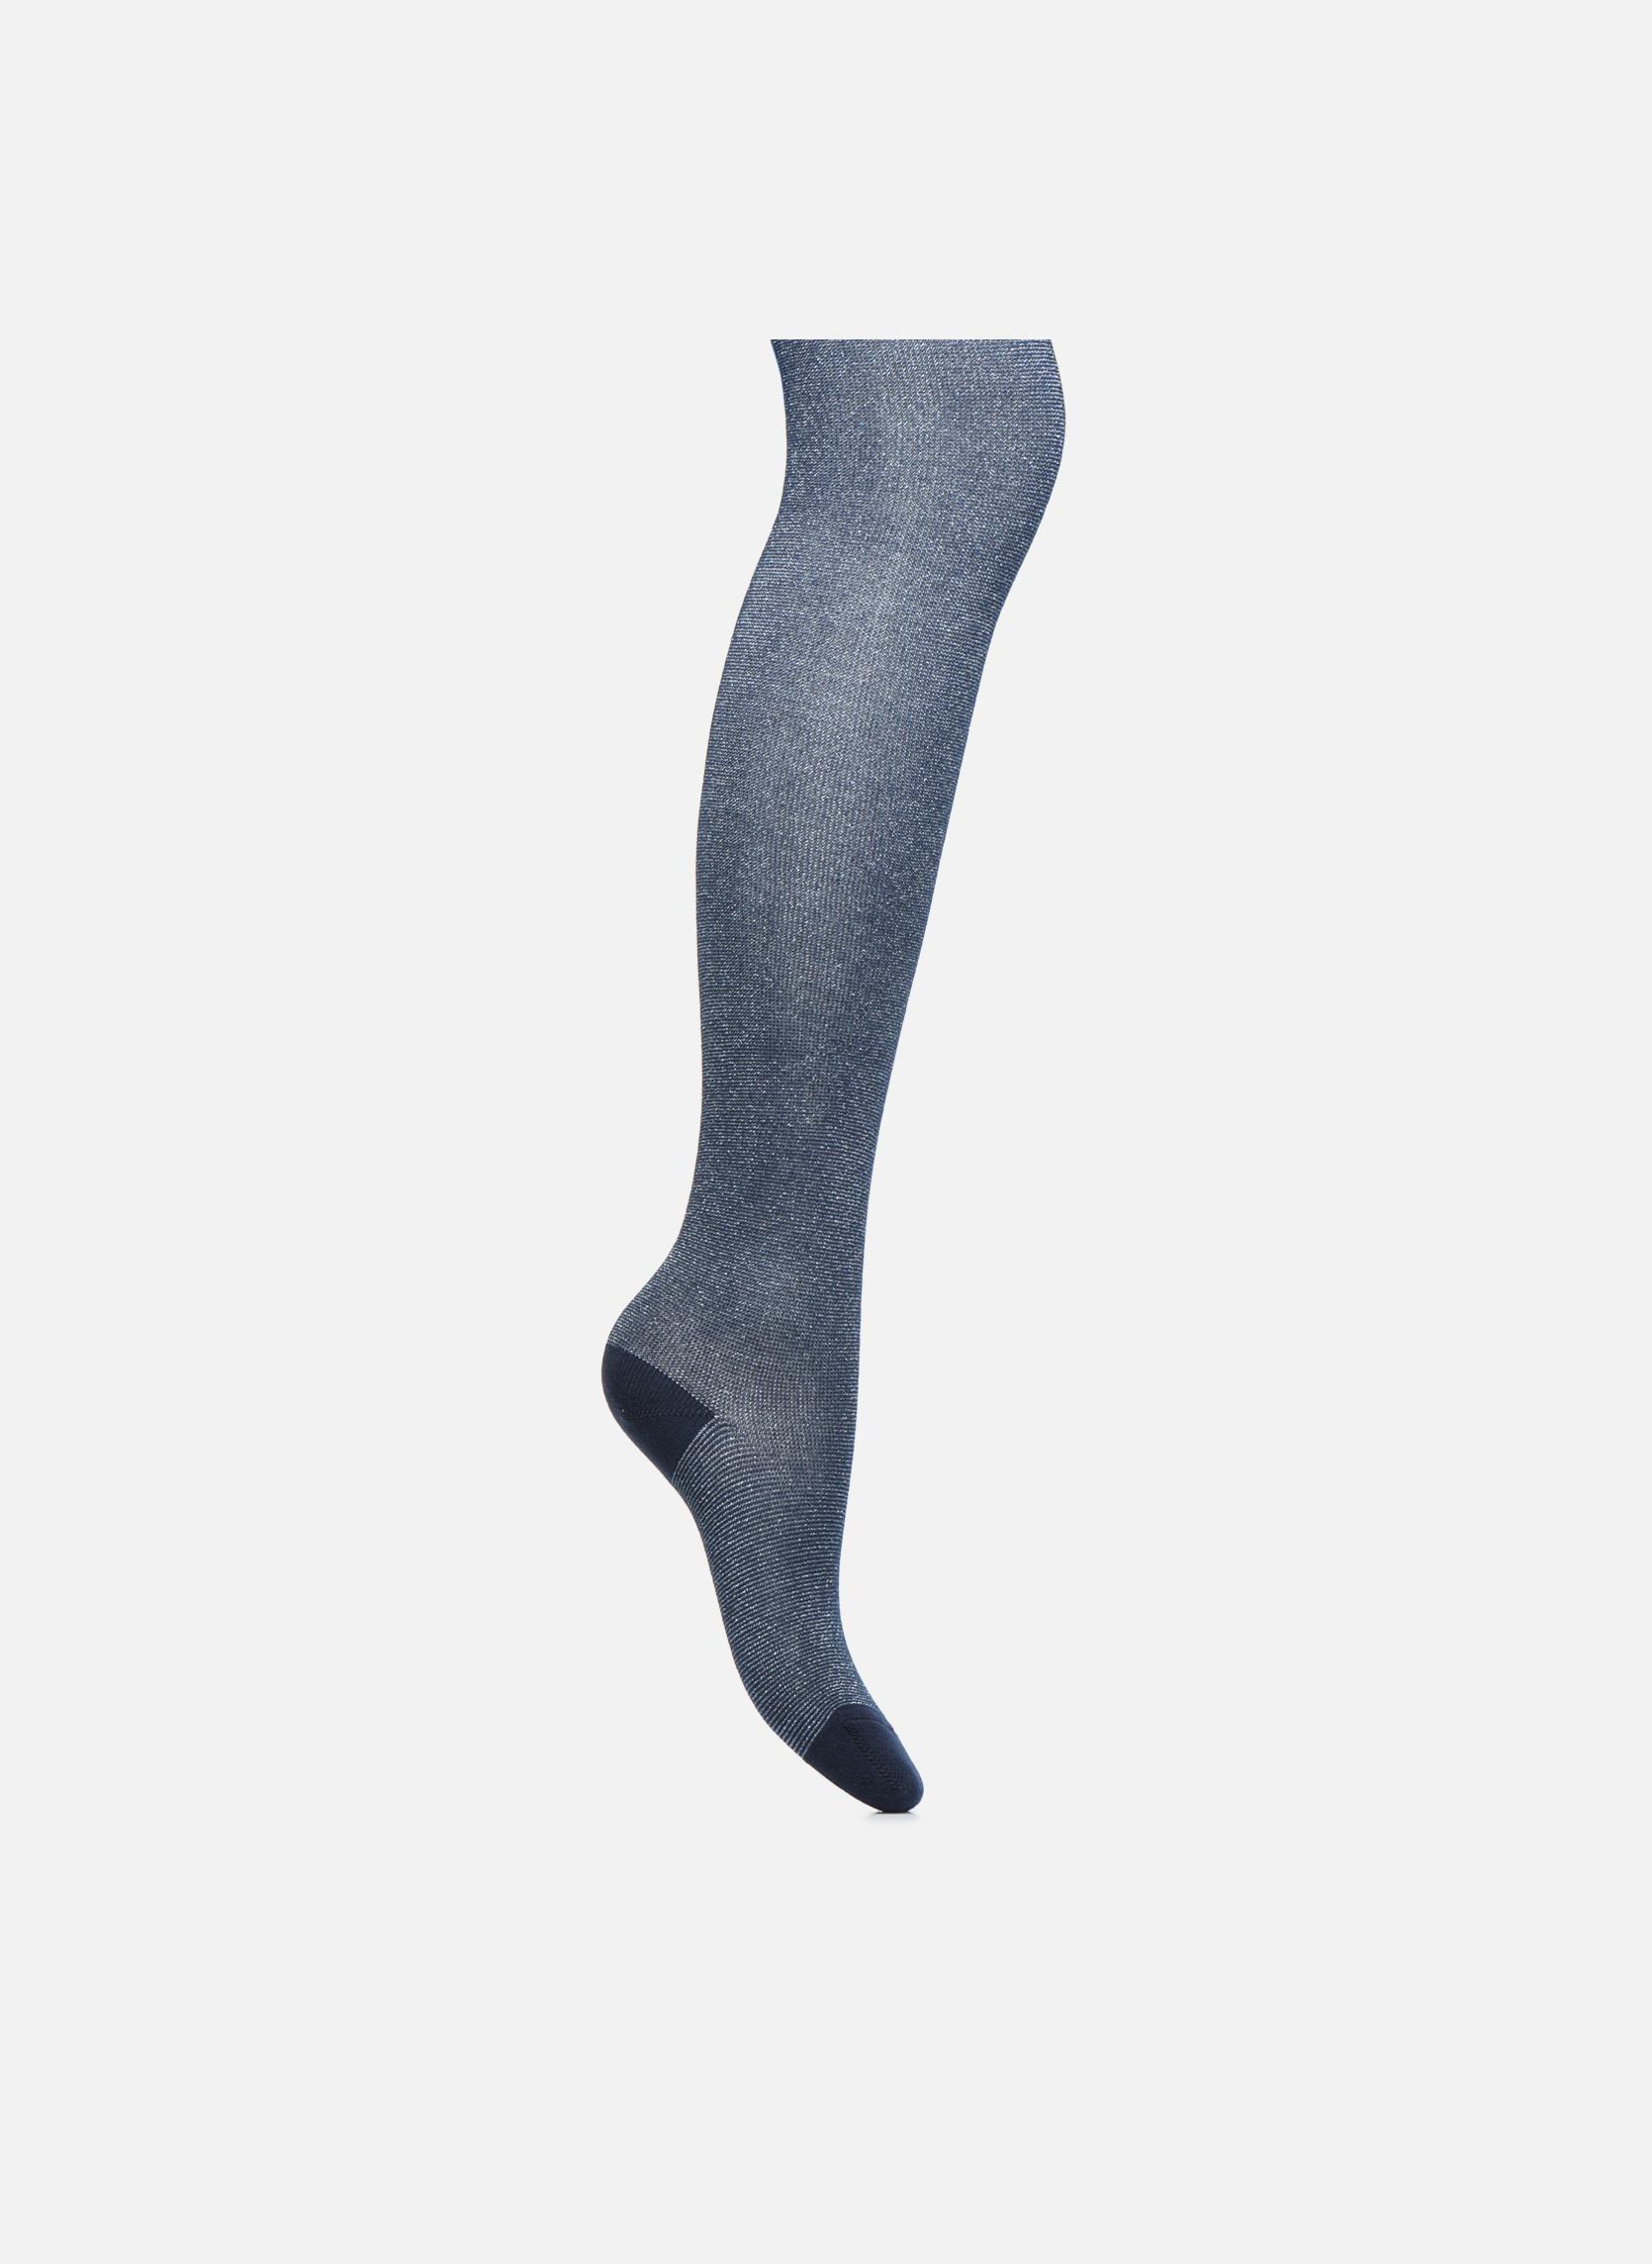 Medias y Calcetines Accesorios Panty medias GLITTER